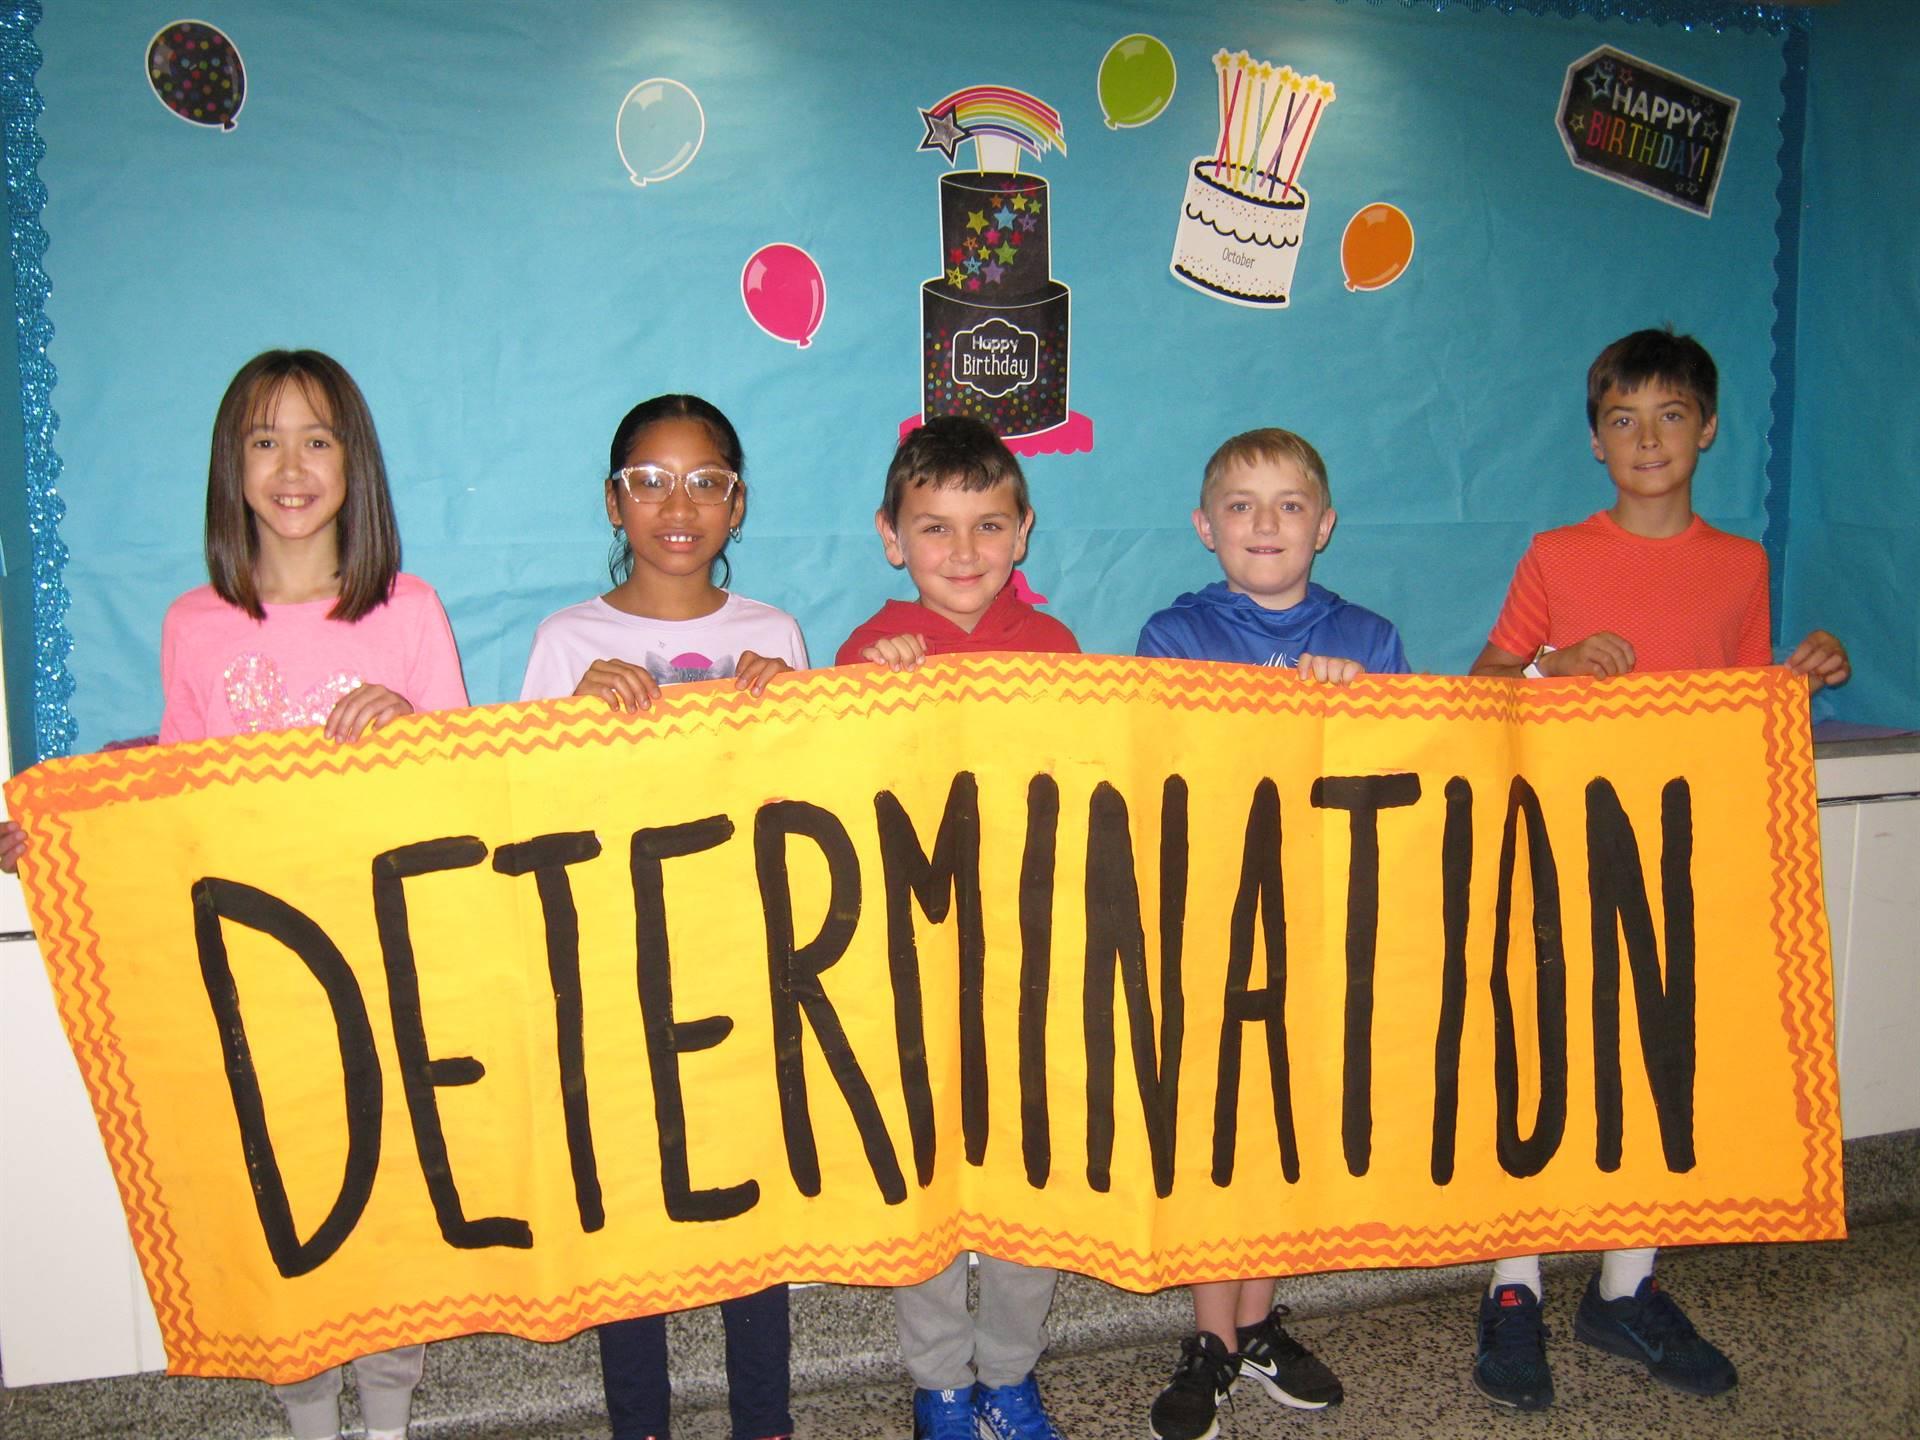 Determination middle school banner 3